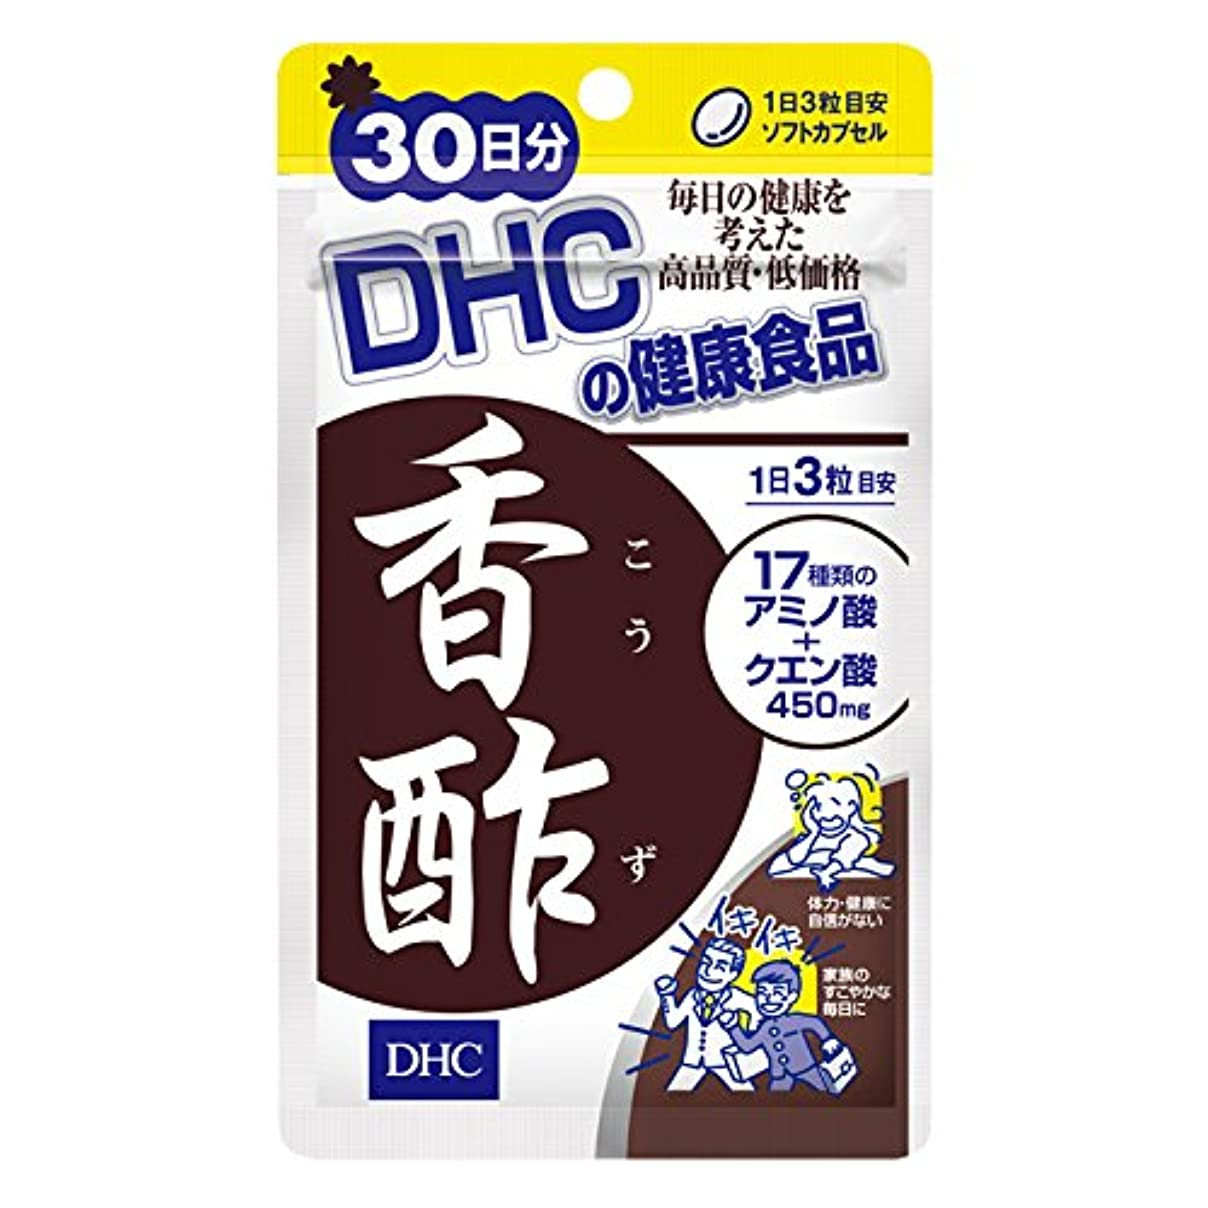 ターゲット共和党自発DHC 香酢(こうず) 30日分